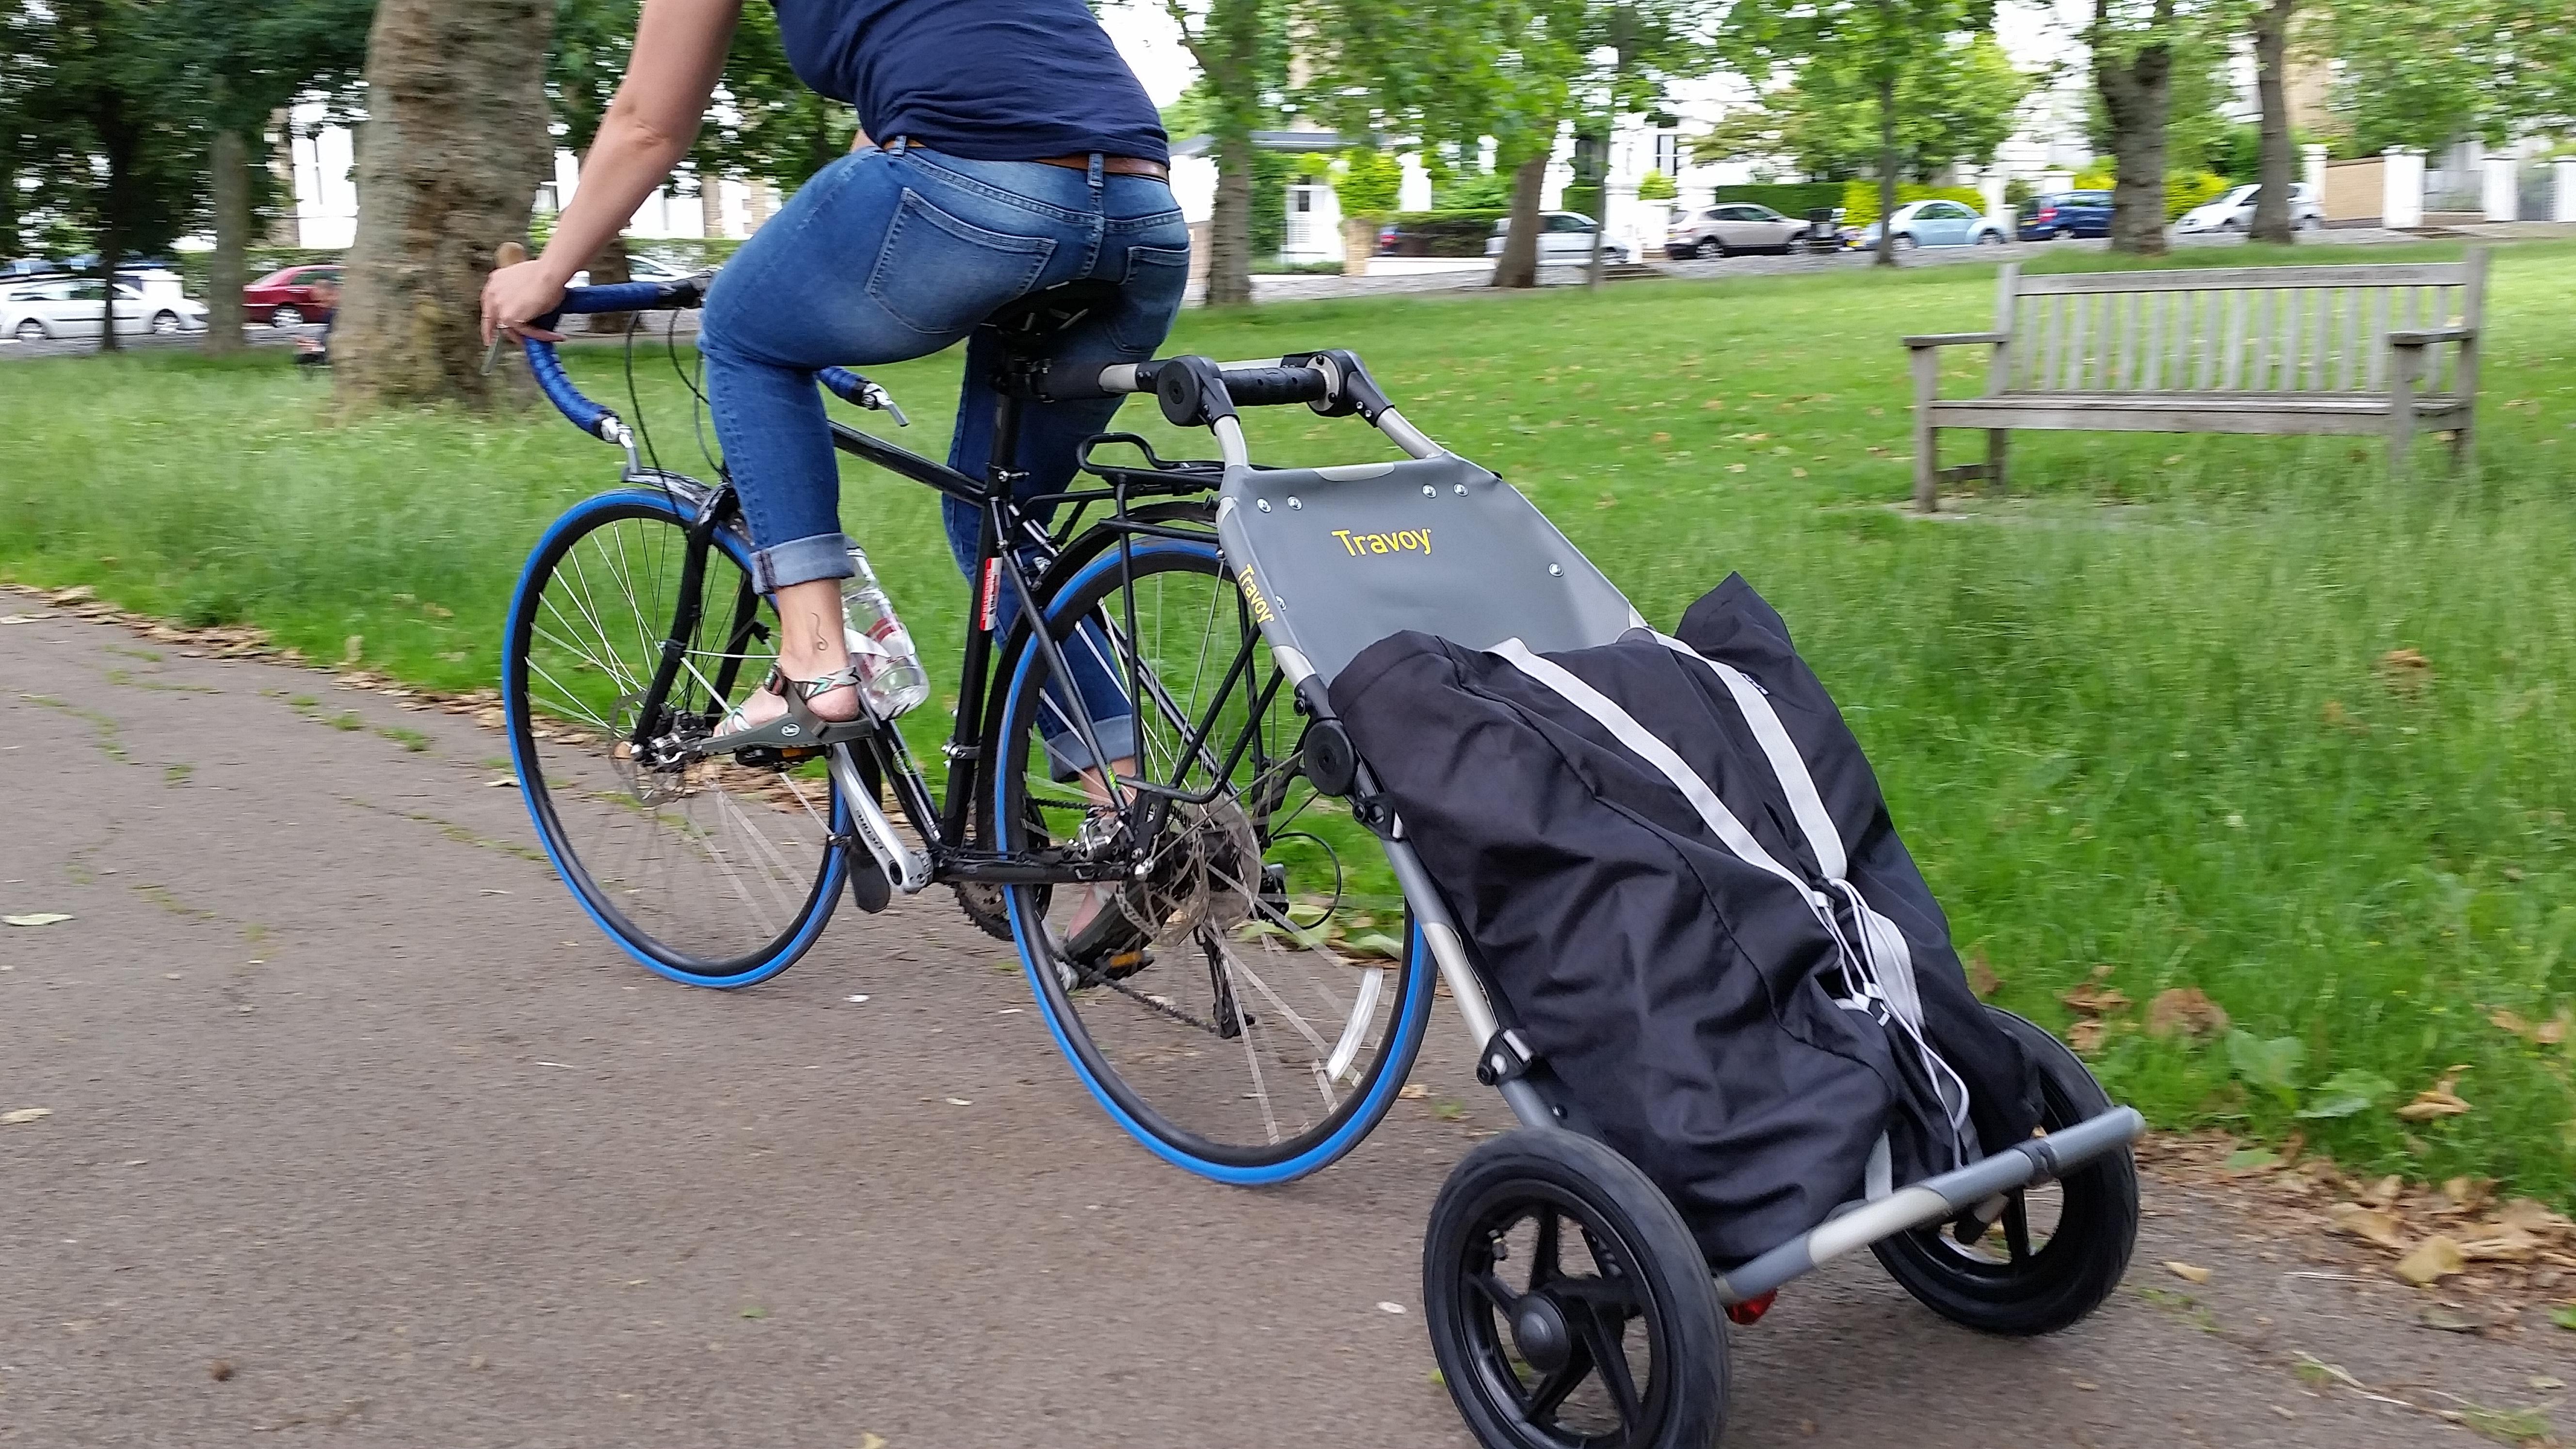 Chariot Travoy de chez Burley - Page 5 Travoy-with-bag